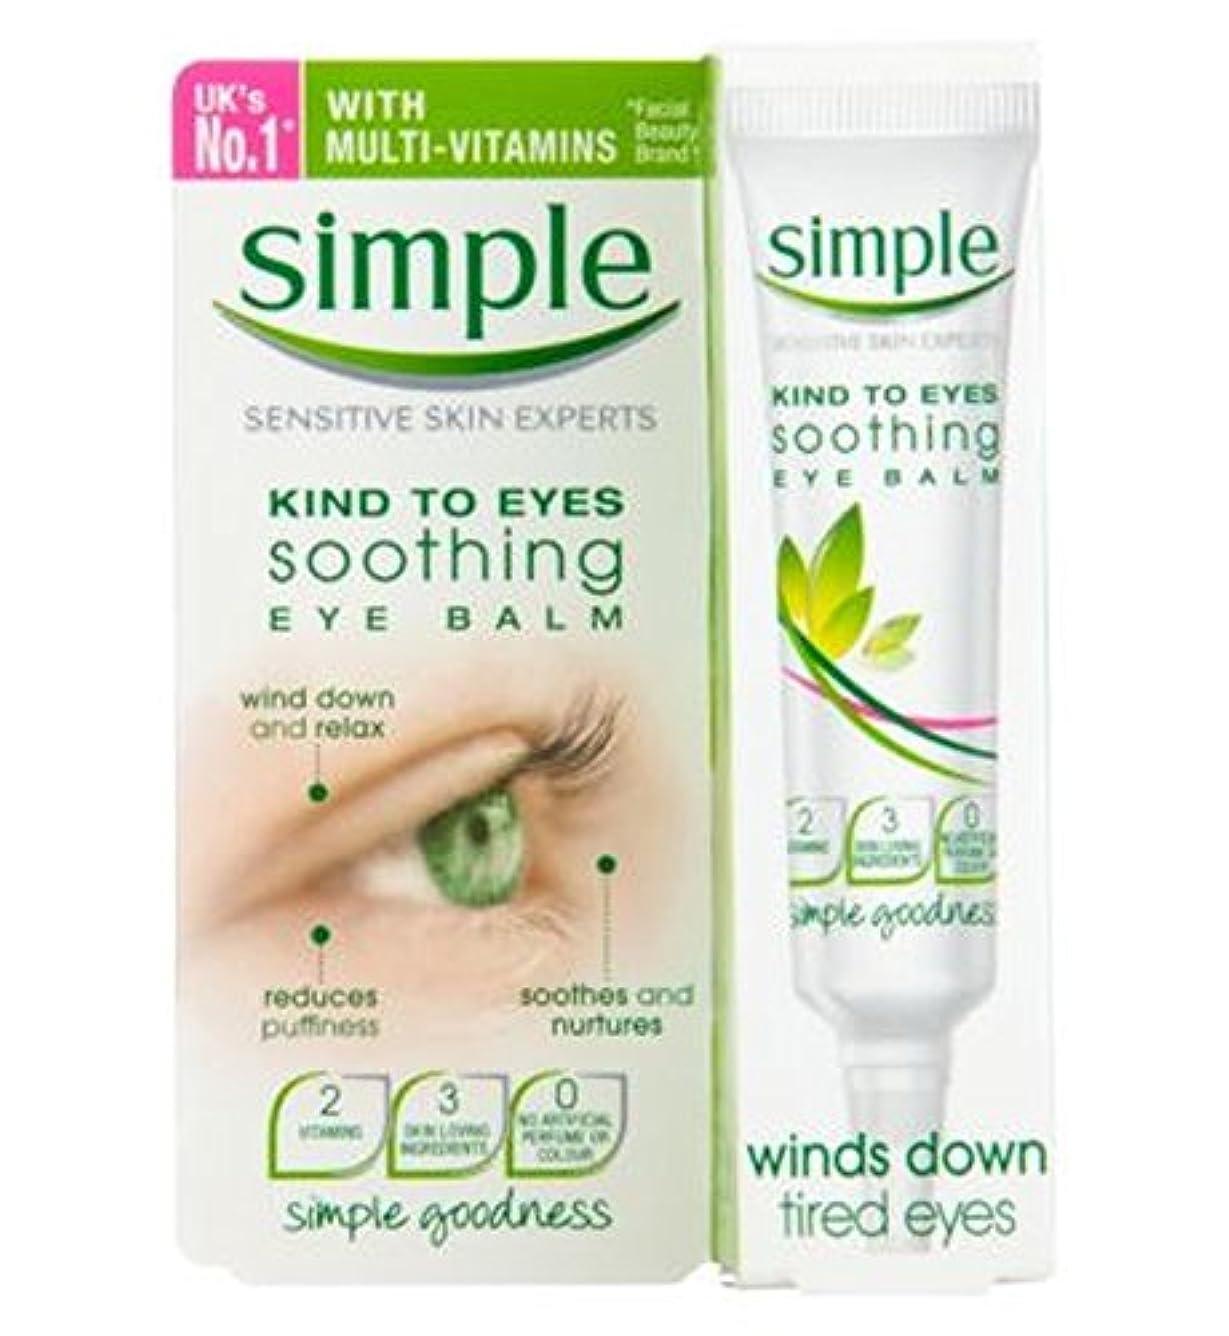 振り向く命令的愛人目への単純な親切な落ち着いたアイクリーム15ミリリットル (Simple) (x2) - Simple Kind To Eyes Soothing Eye Balm 15ml (Pack of 2) [並行輸入品]